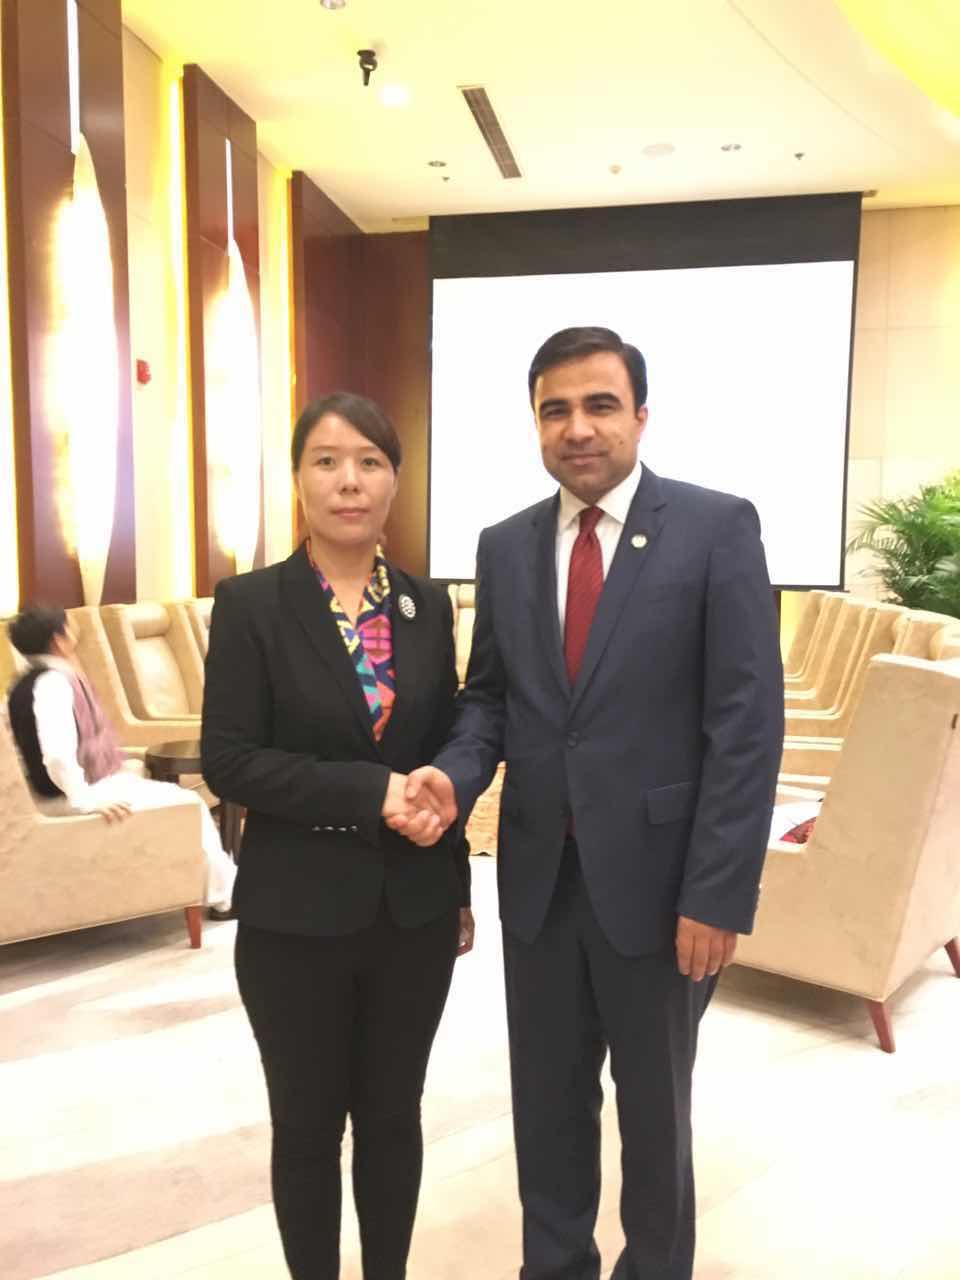 阿富汗驻华大使贾楠·莫萨扎伊阁下与组委会秘书长崔江红女士